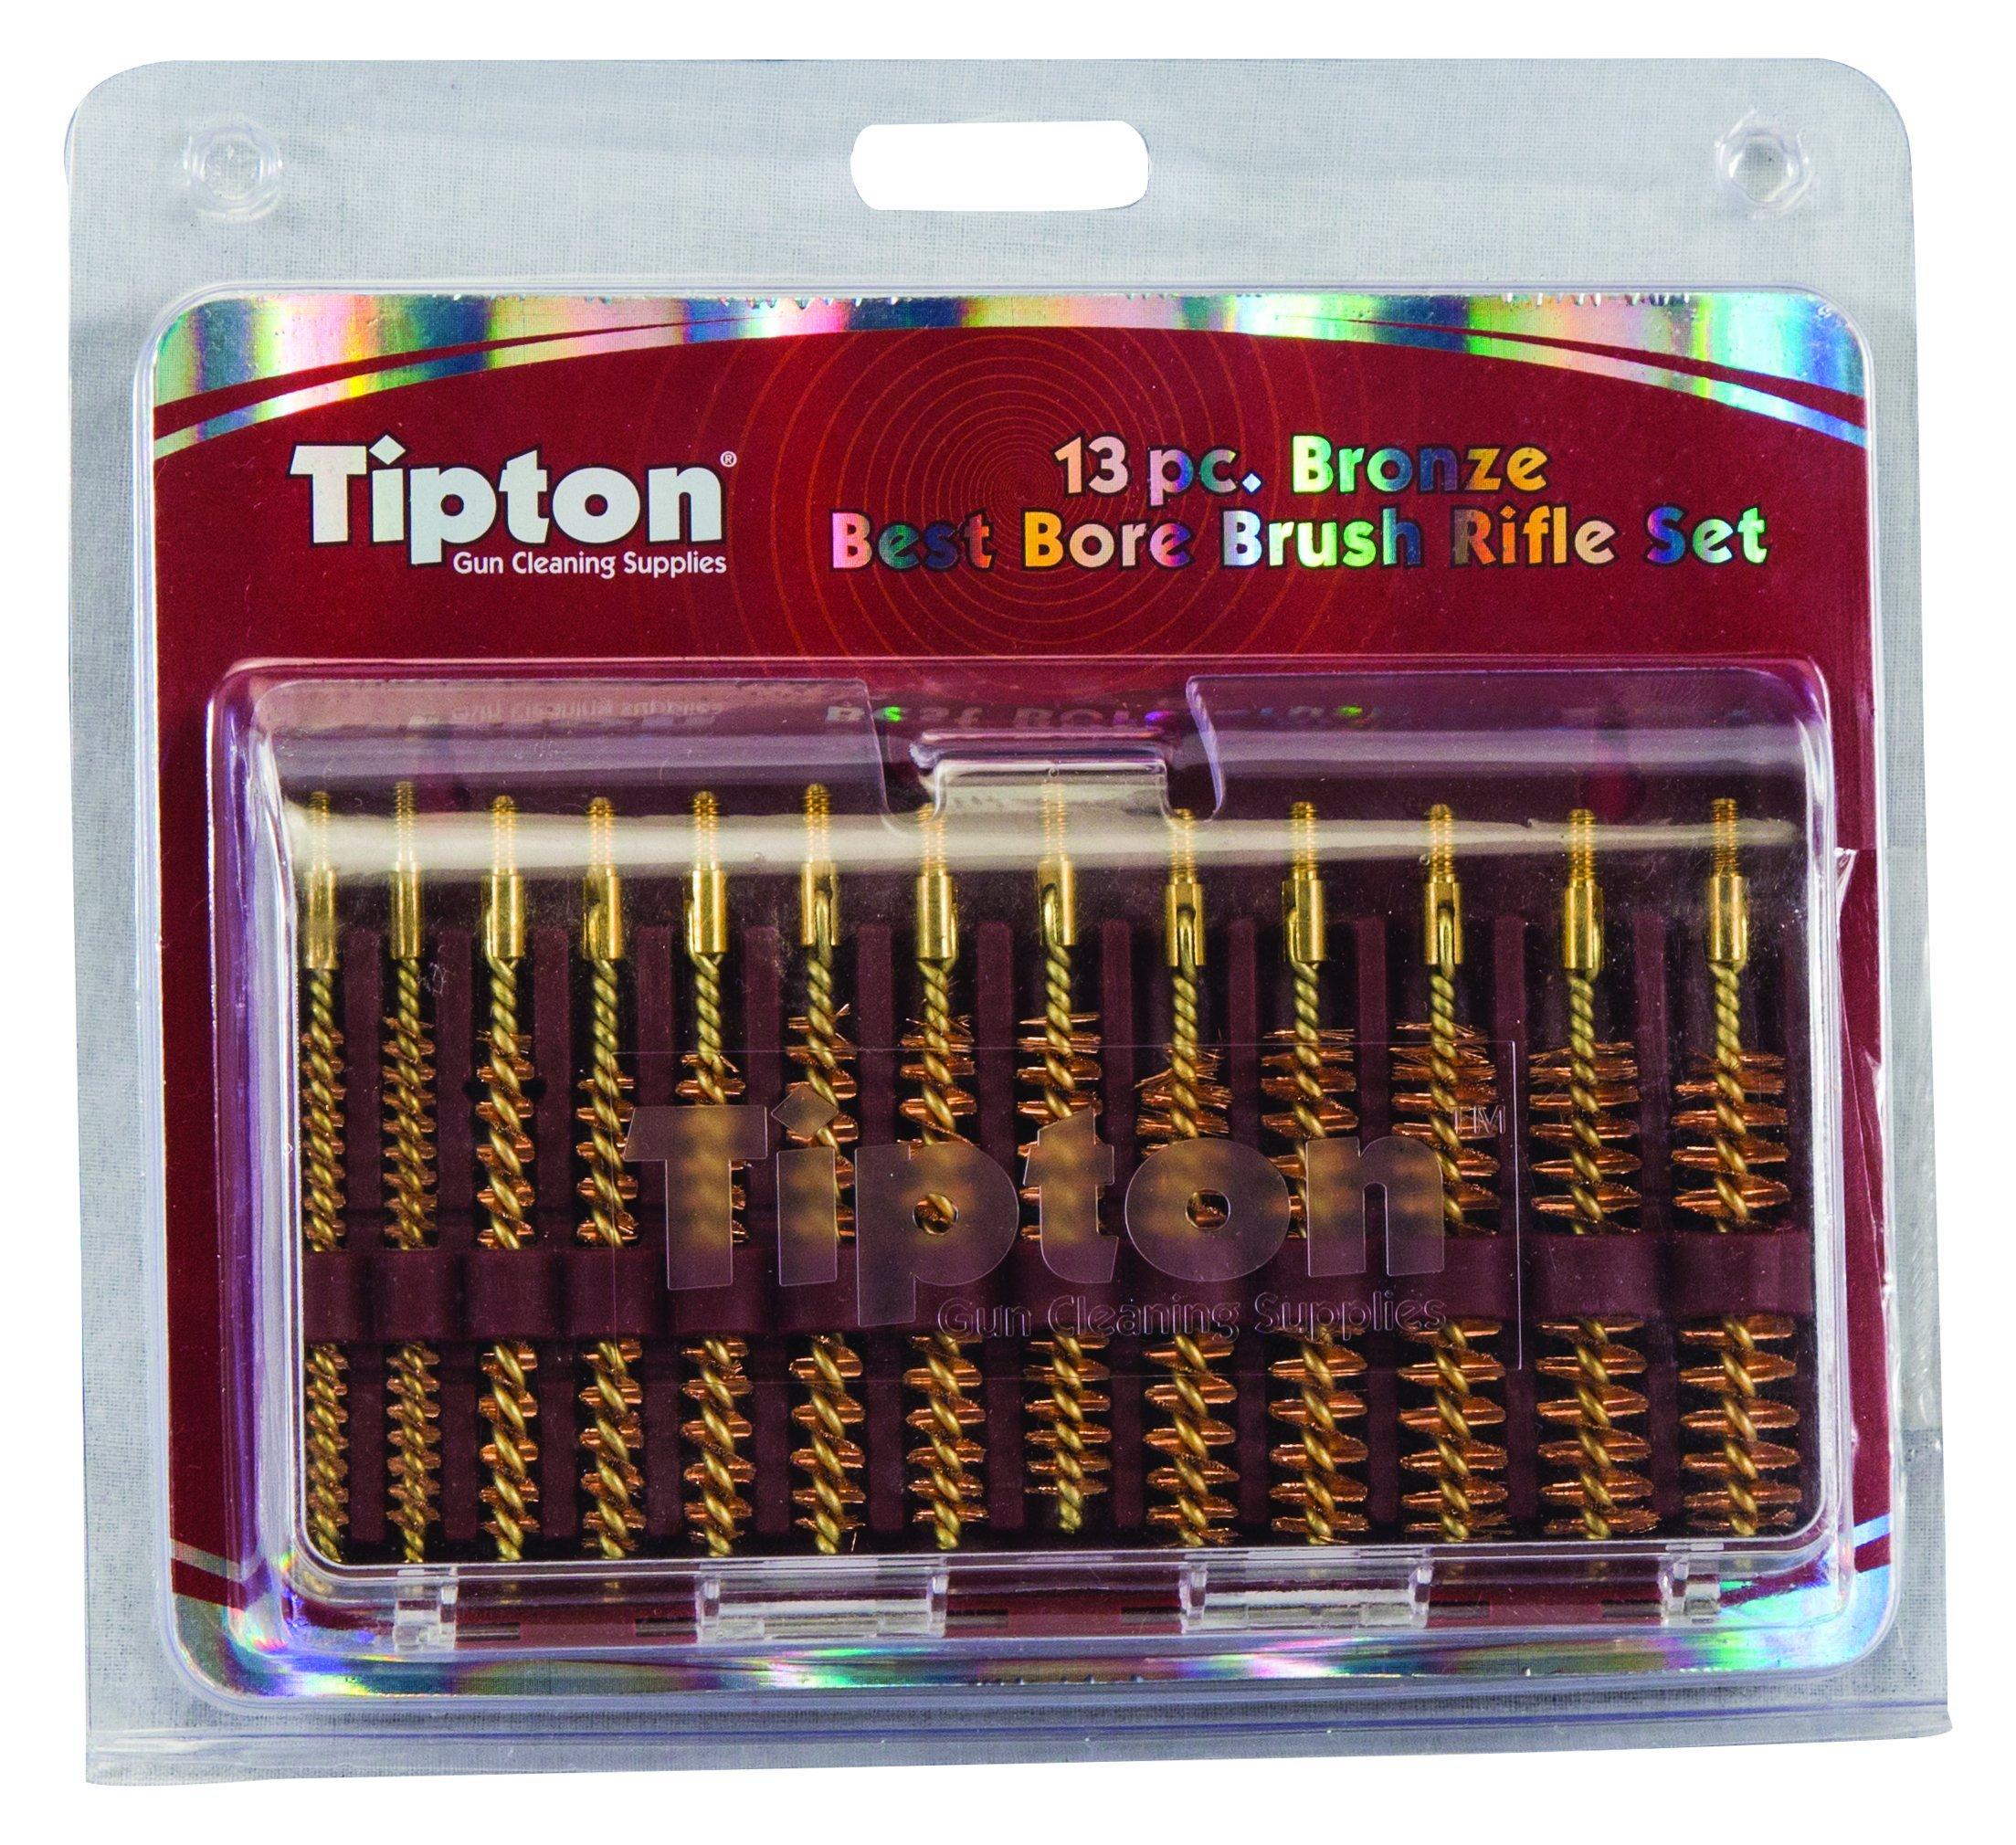 Tipton Bore Brush Rifle Set by Tipton